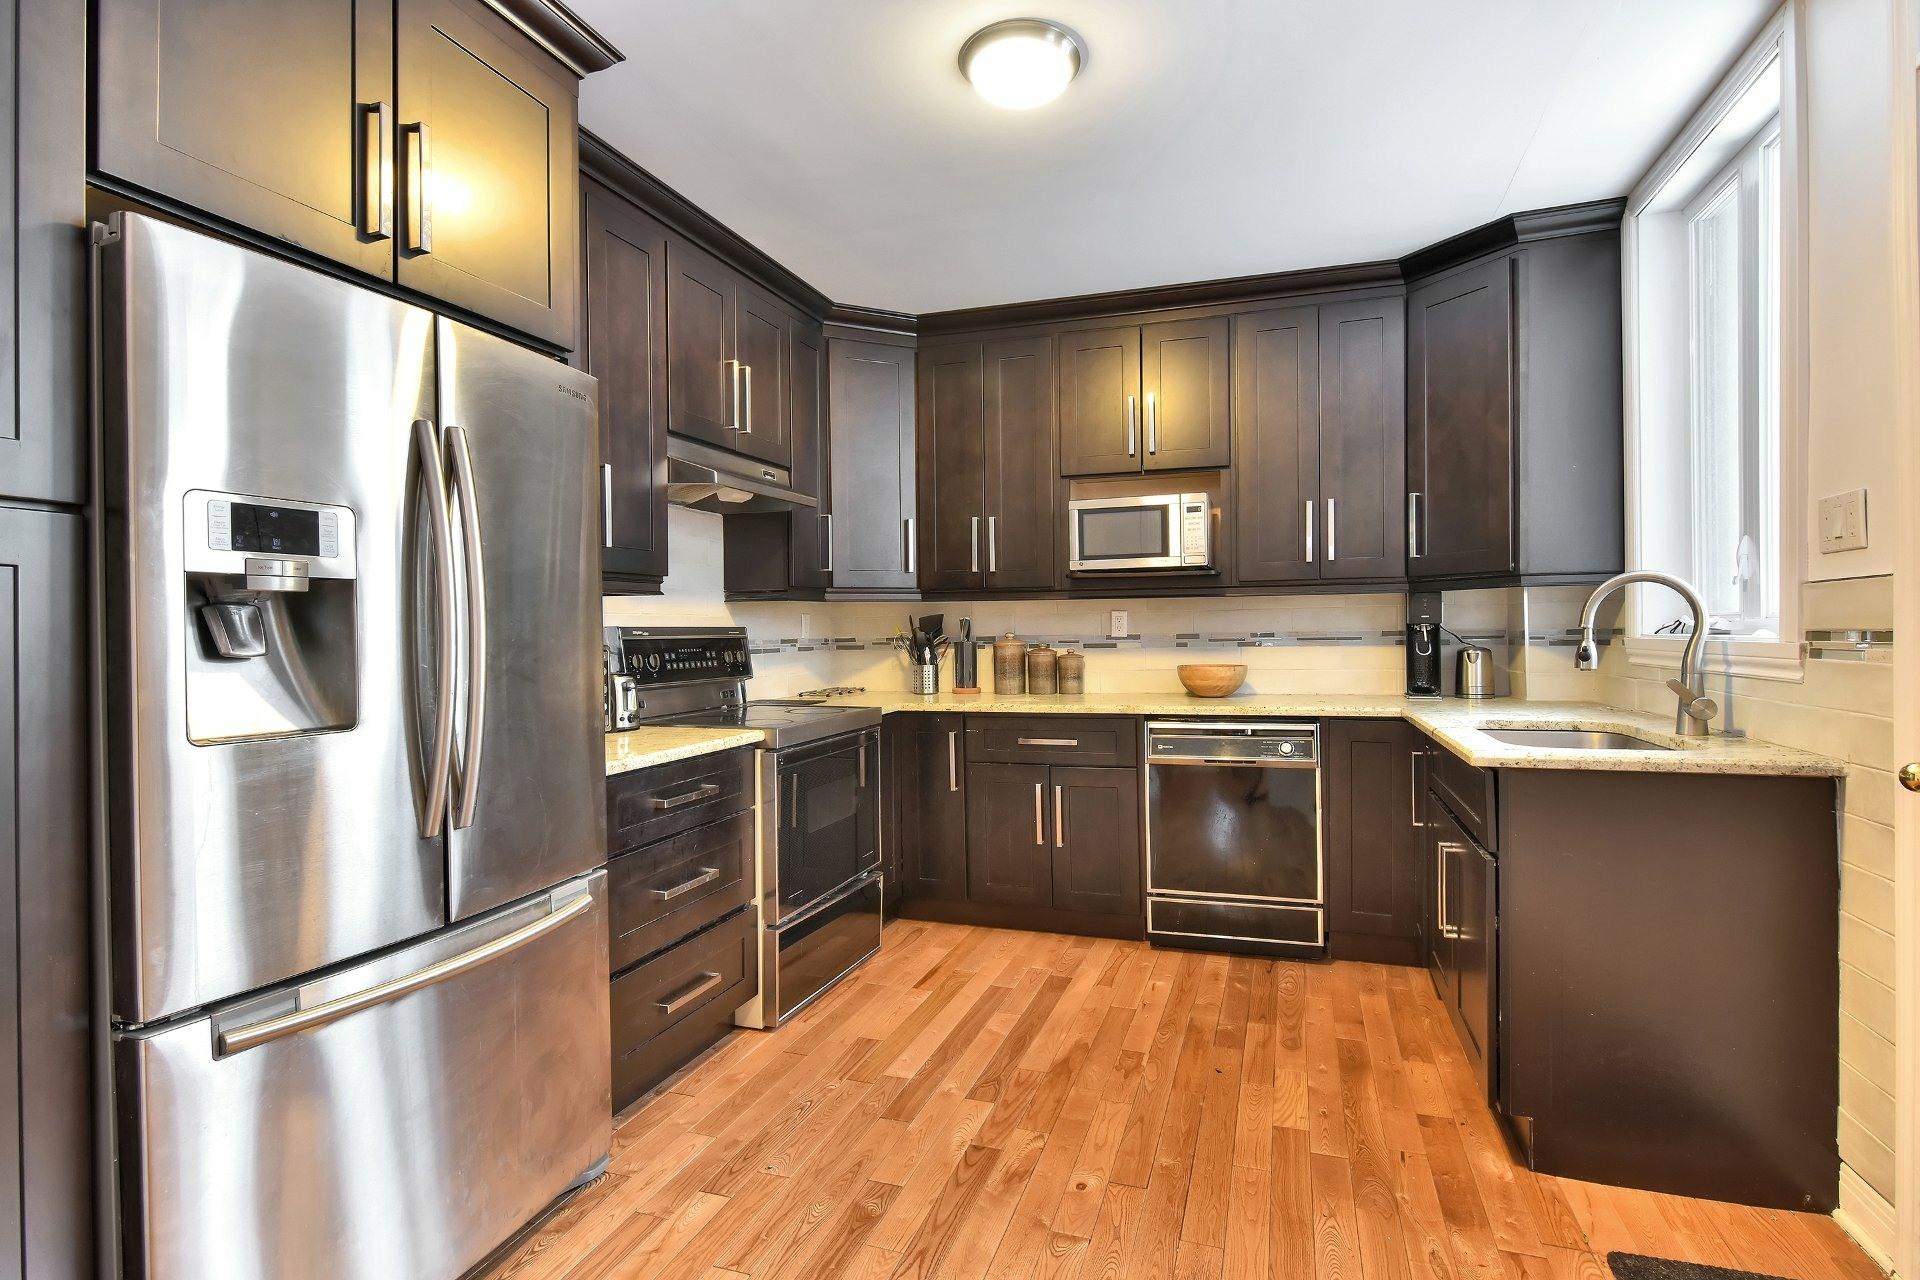 image 12 - Apartment For sale Montréal Côte-des-Neiges/Notre-Dame-de-Grâce  - 7 rooms